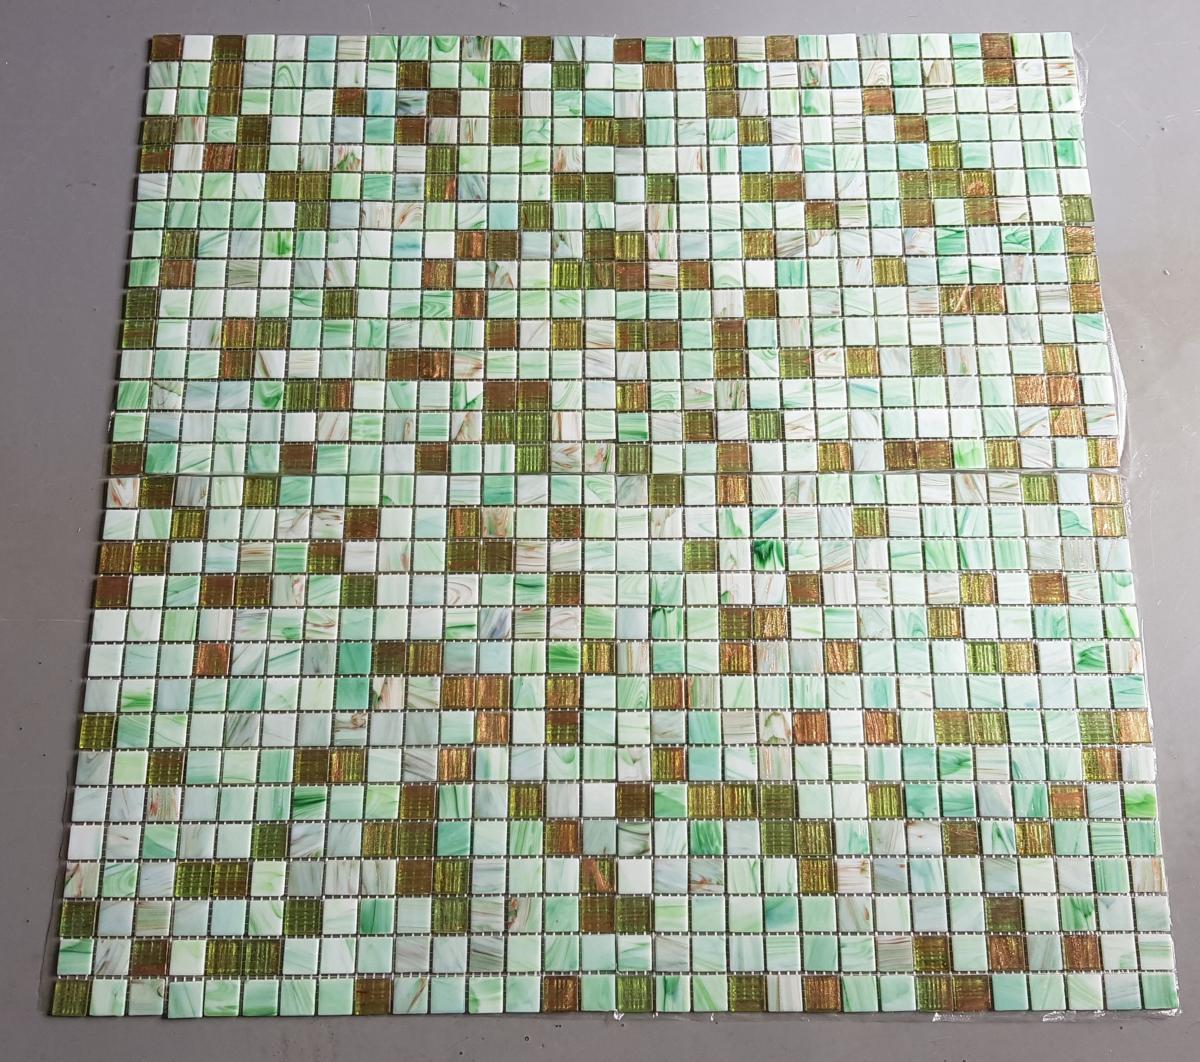 Vert mosaïque pâte de verre mélange vert botanic marbré gemmés plaque